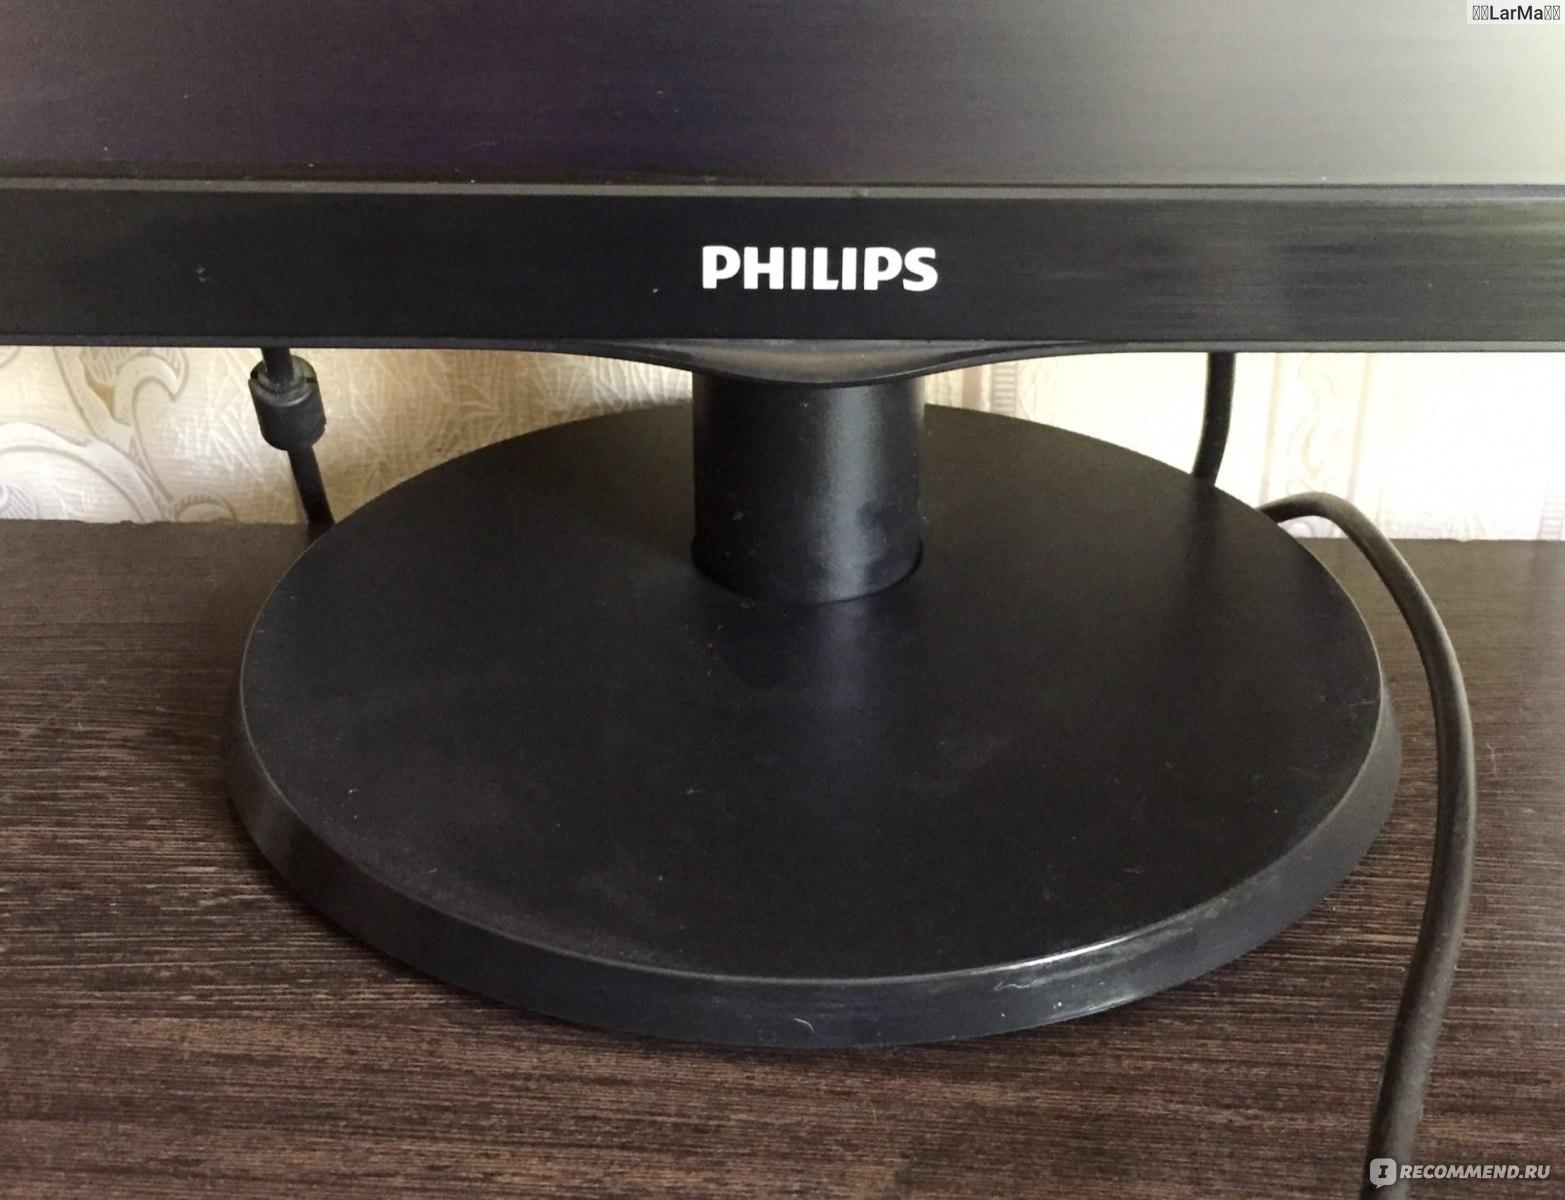 243v philips